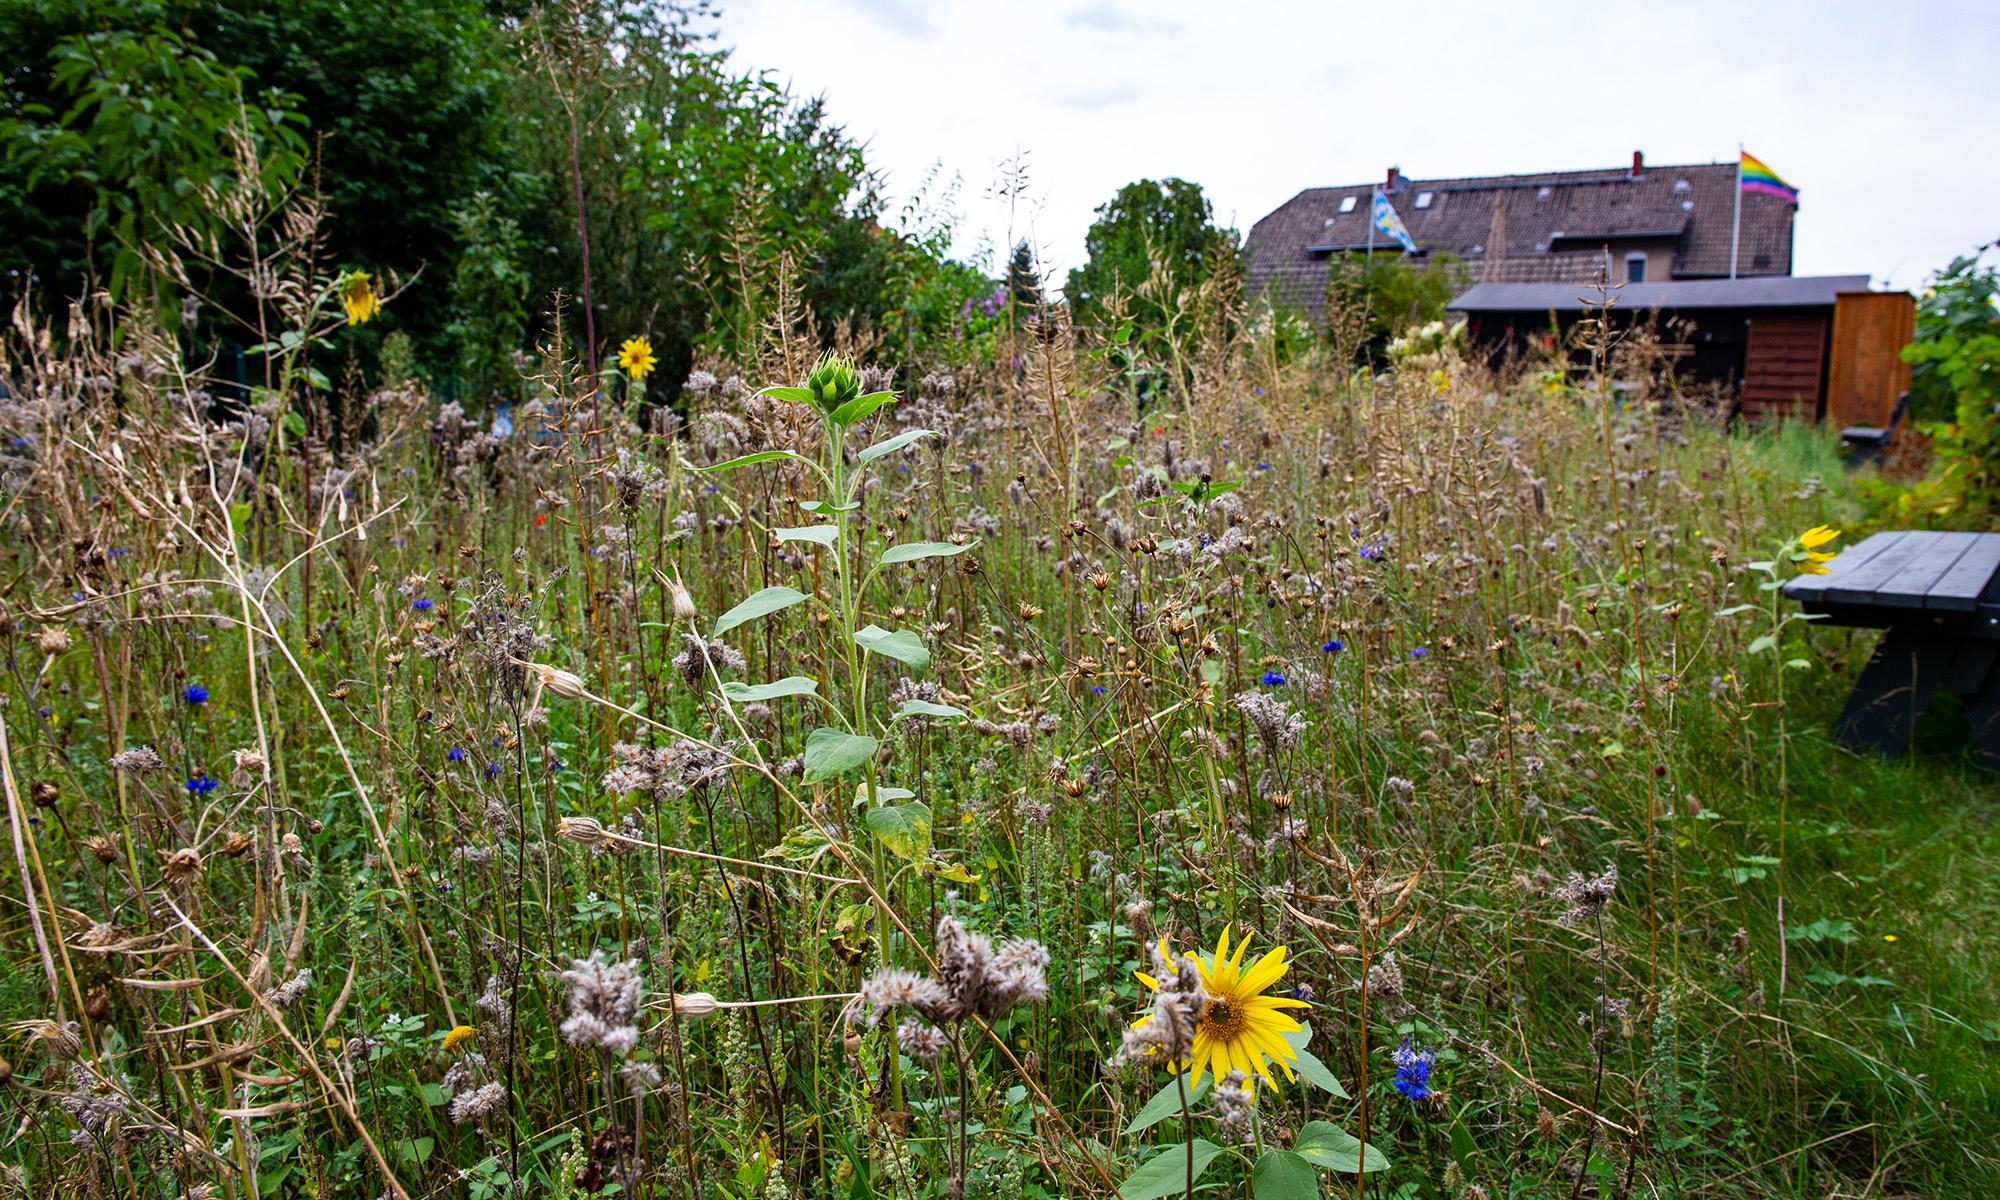 Holgi sein Garten seine Internetseite